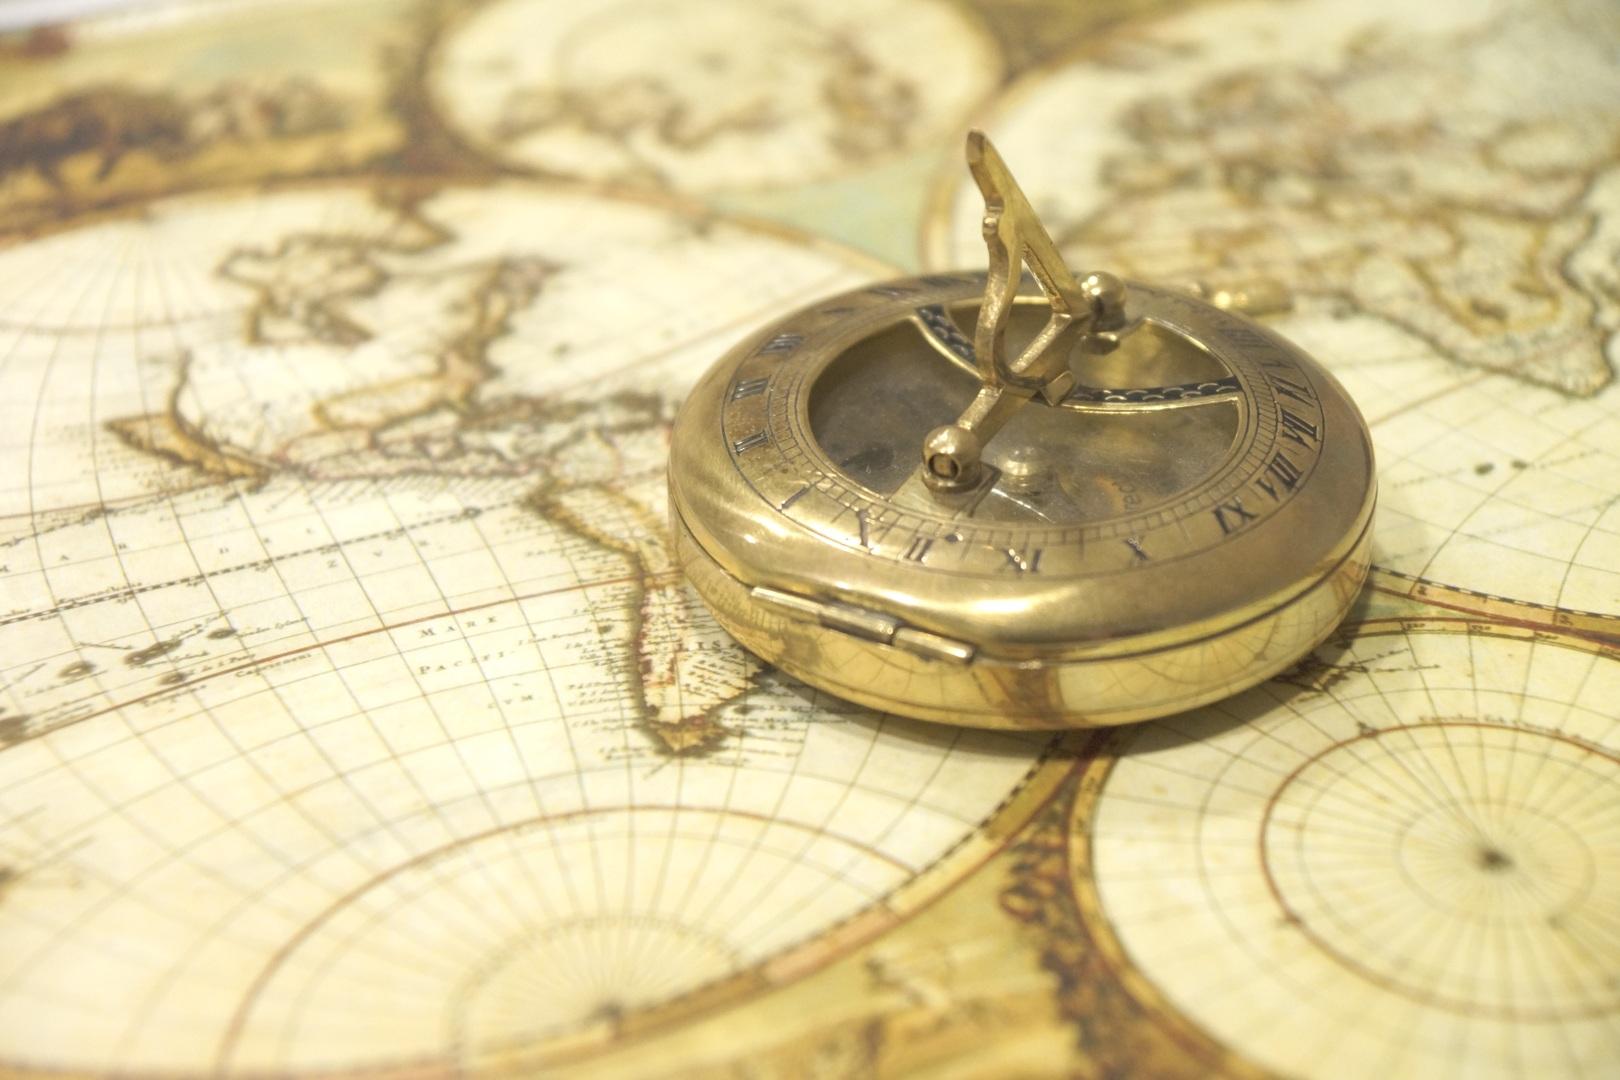 nawigacja, kompas, astronomia, astronawigacja, astronautyka